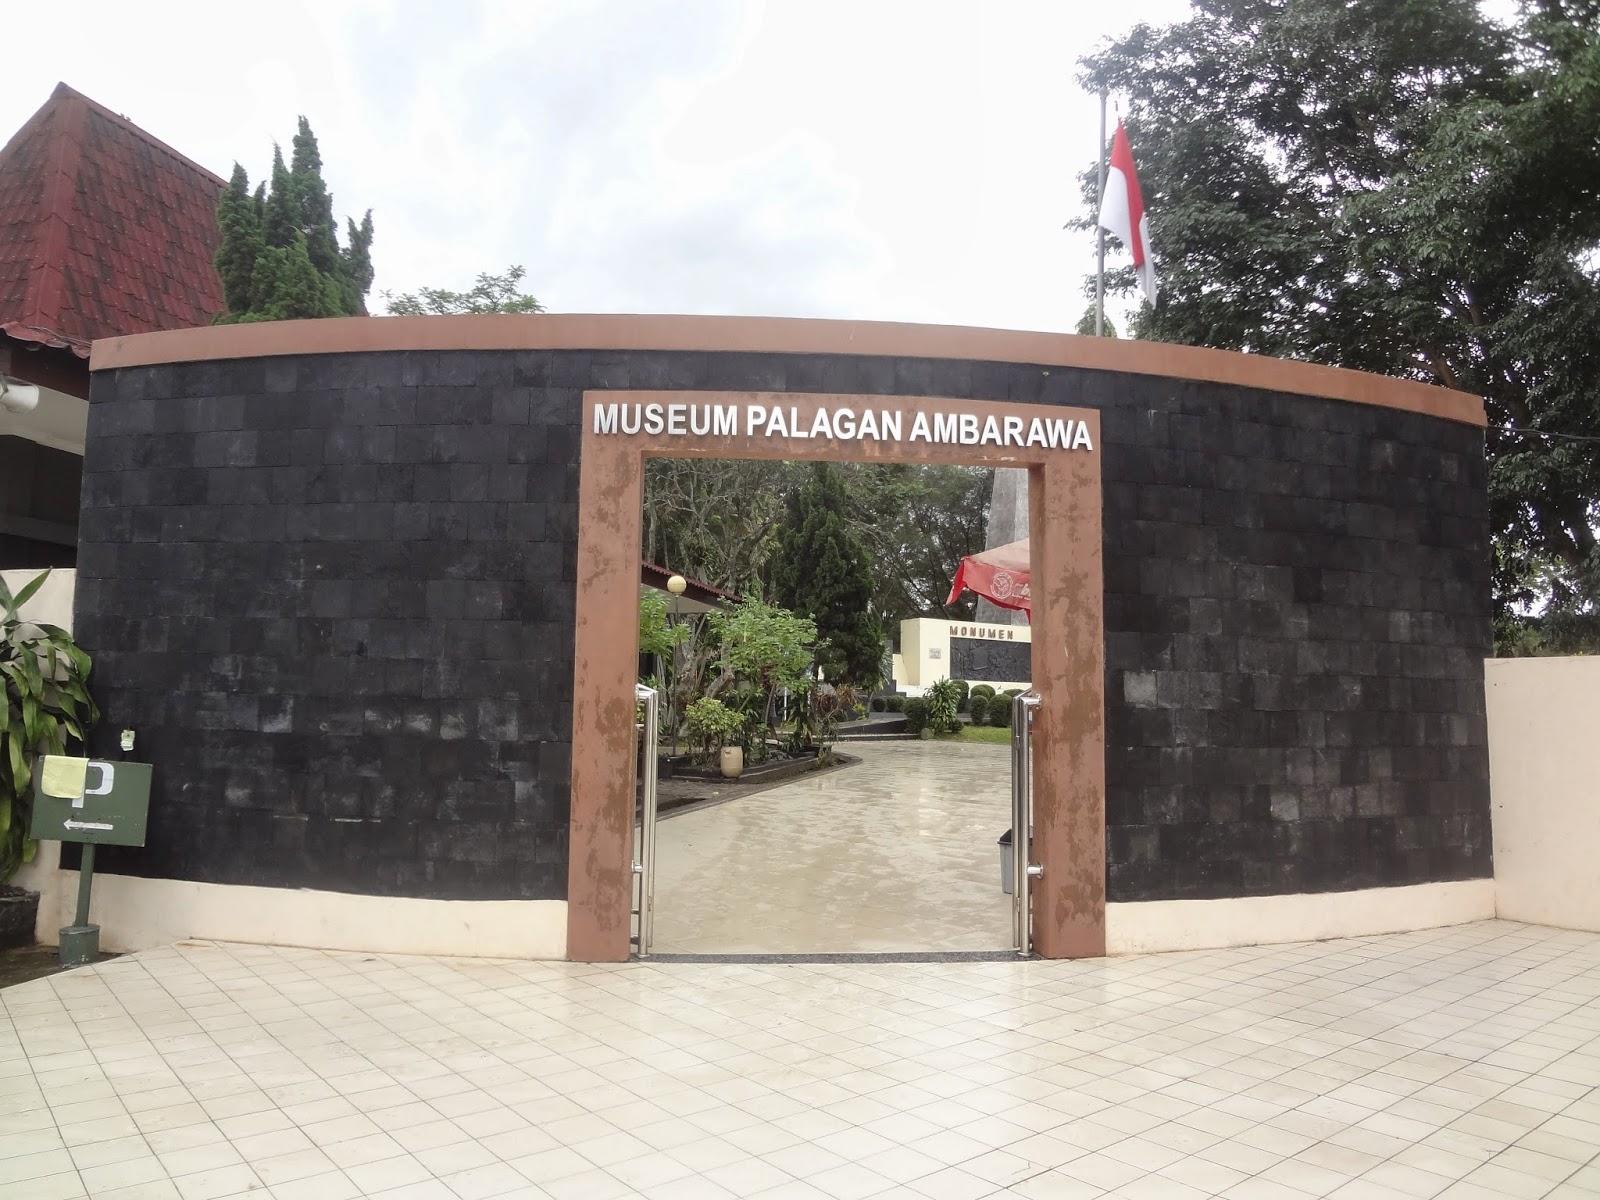 Serunya Monumen Palagan Ambarawa Iyoth World Kab Semarang